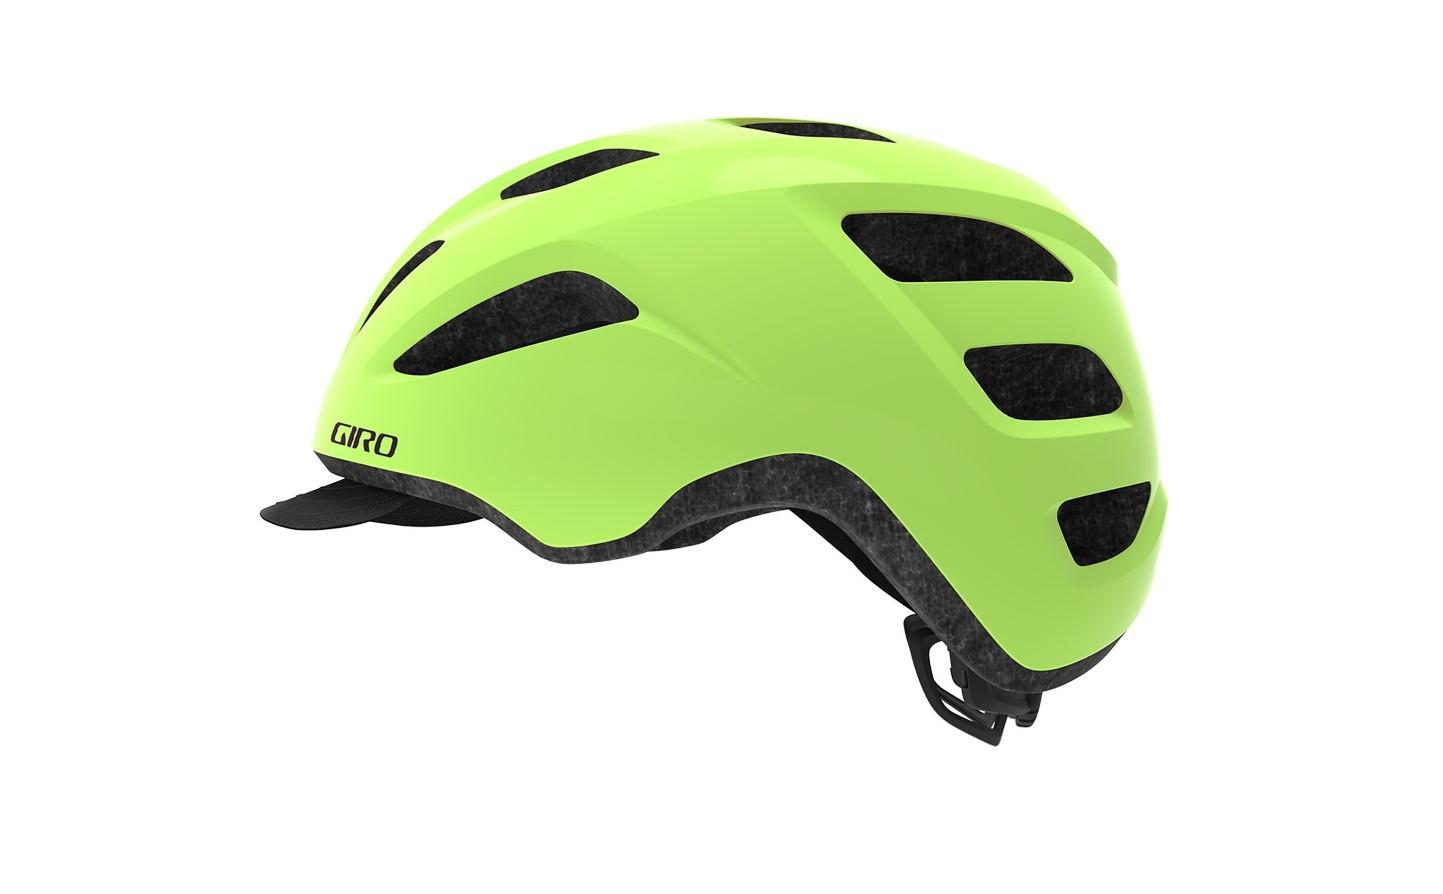 156541eb5d243 Casco Giro Cormick 2019 Amarillo - Fabregues Bicicletas